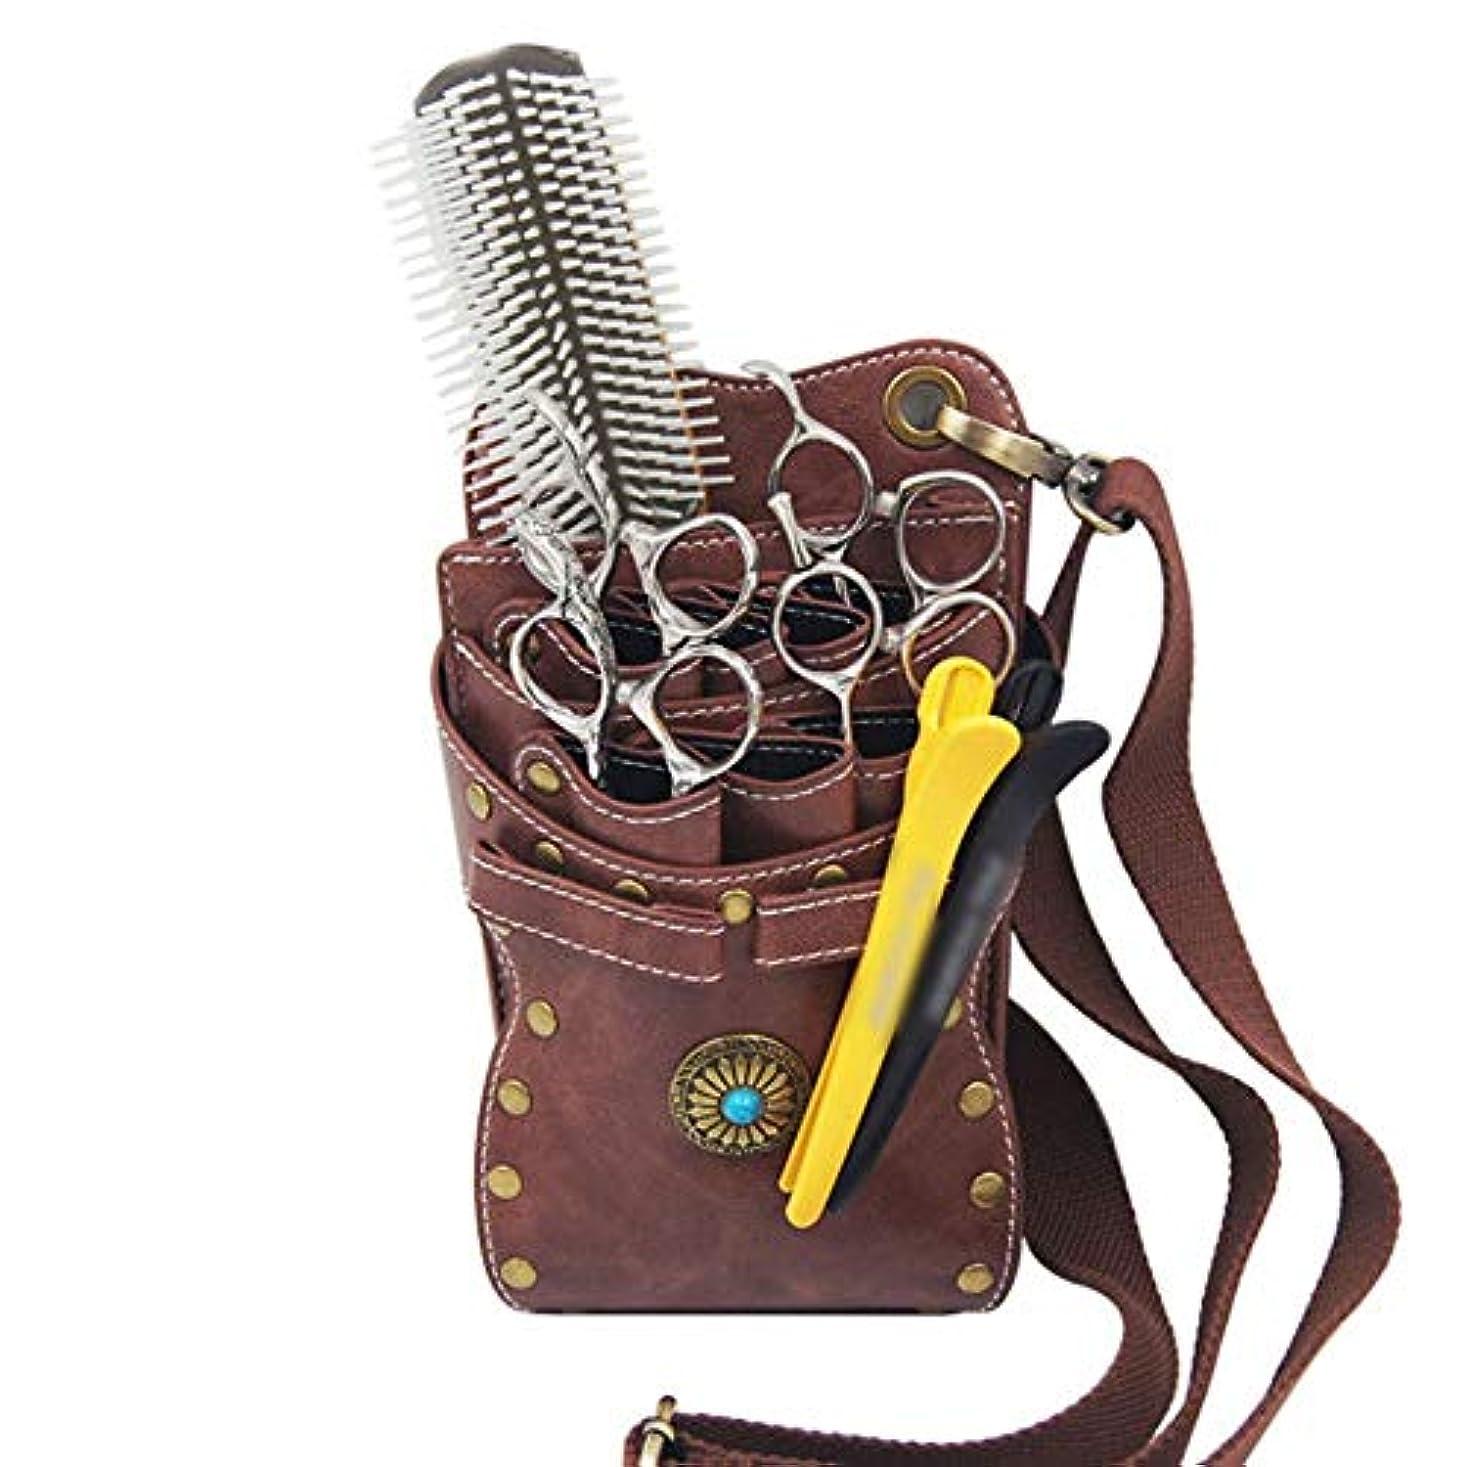 パーツ認証麻痺JPAKIOS 革理髪はさみホルダー、ベルト付き美容院はさみケースバッグ美容院ツールバッグ (色 : ブラウン)